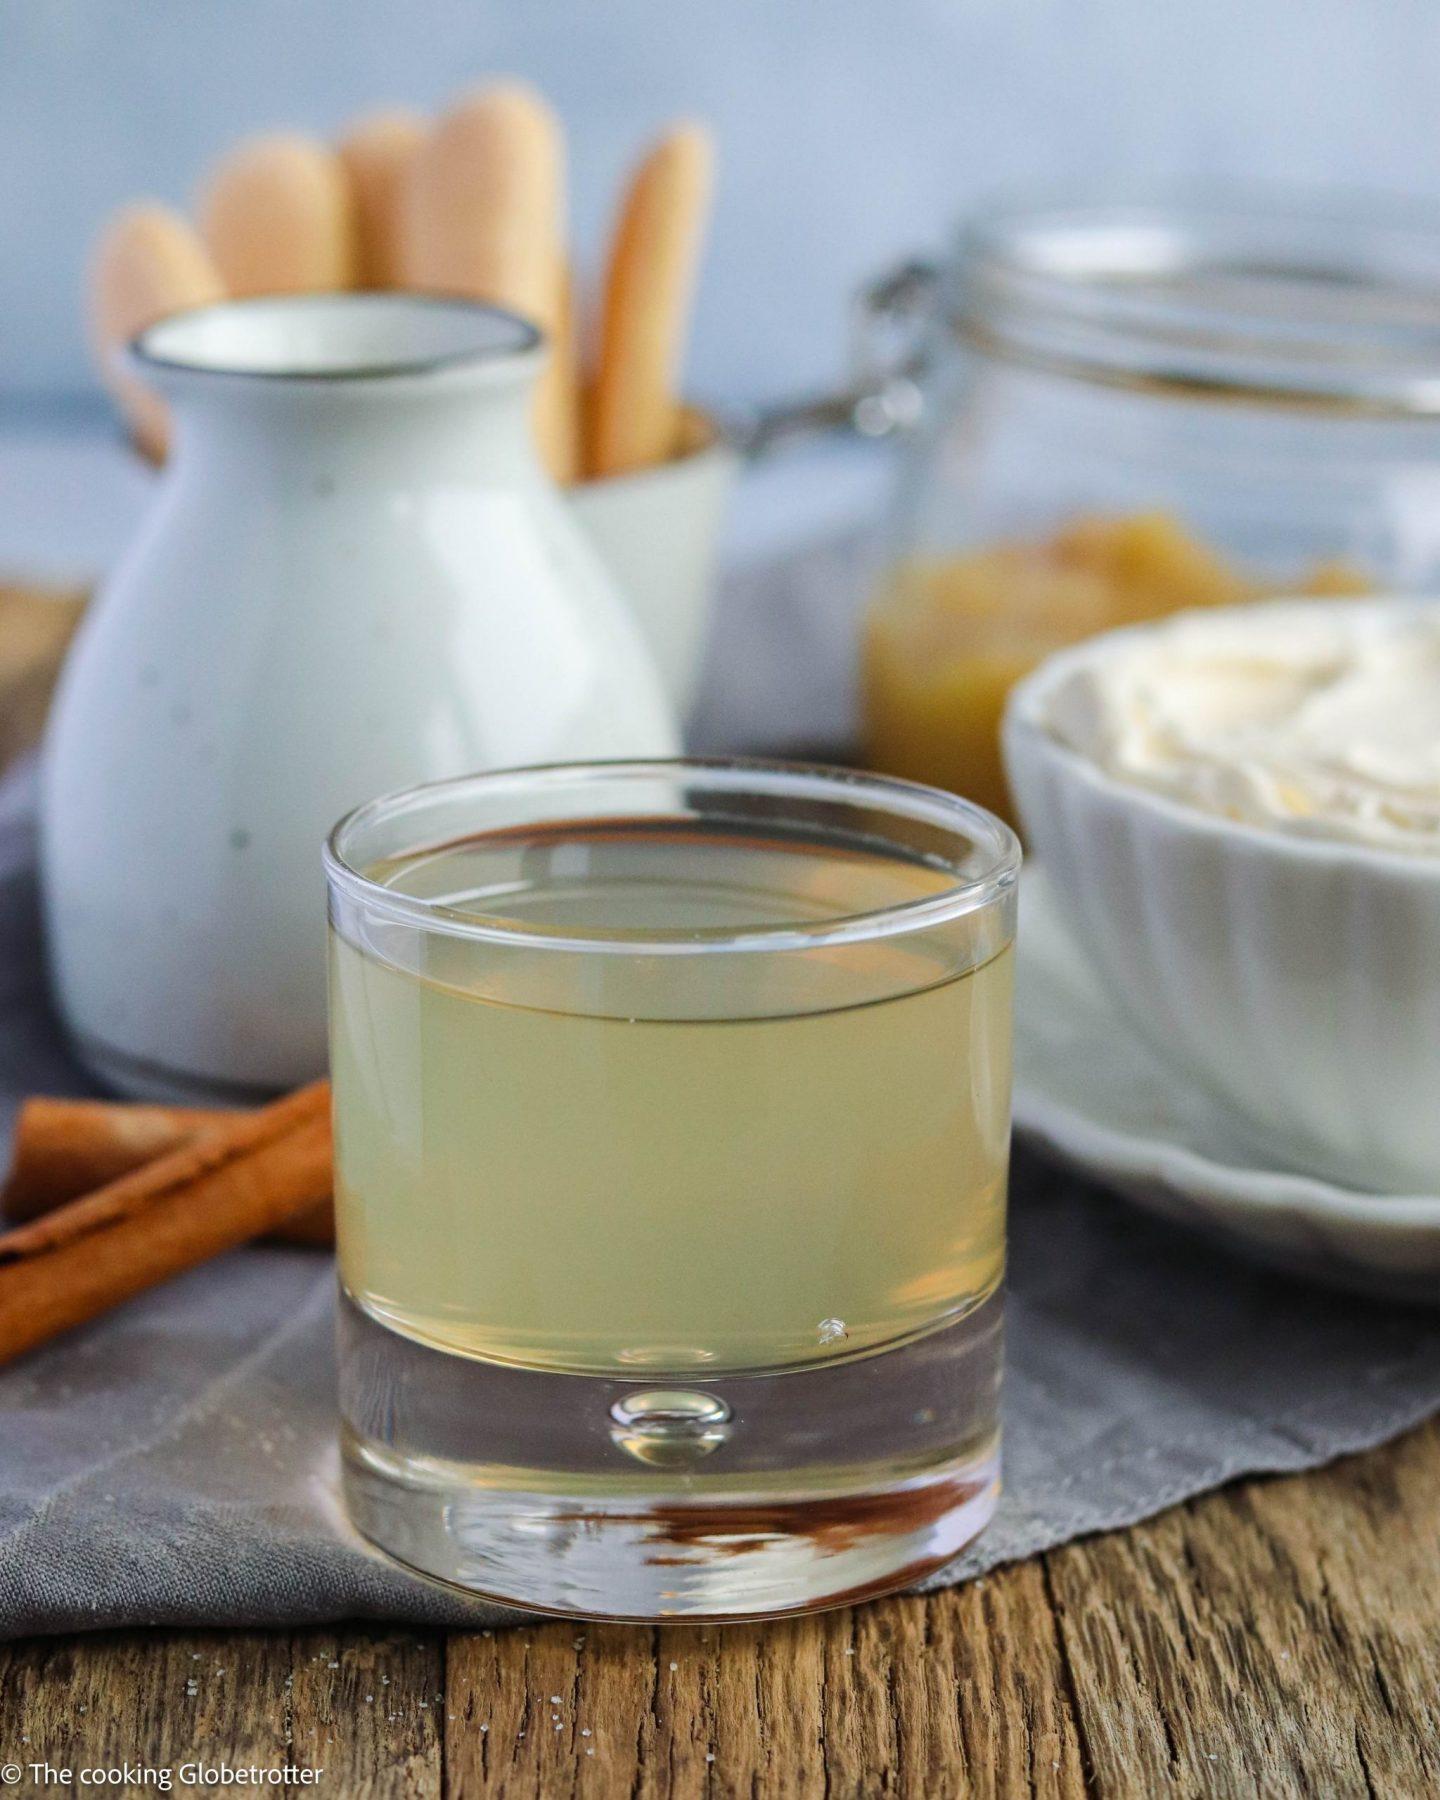 Bild Apfeltiramisu, Rezept von The cooking Globetrotter, Sponsored by Verband der deutschen Fruchtsaft-Industrie